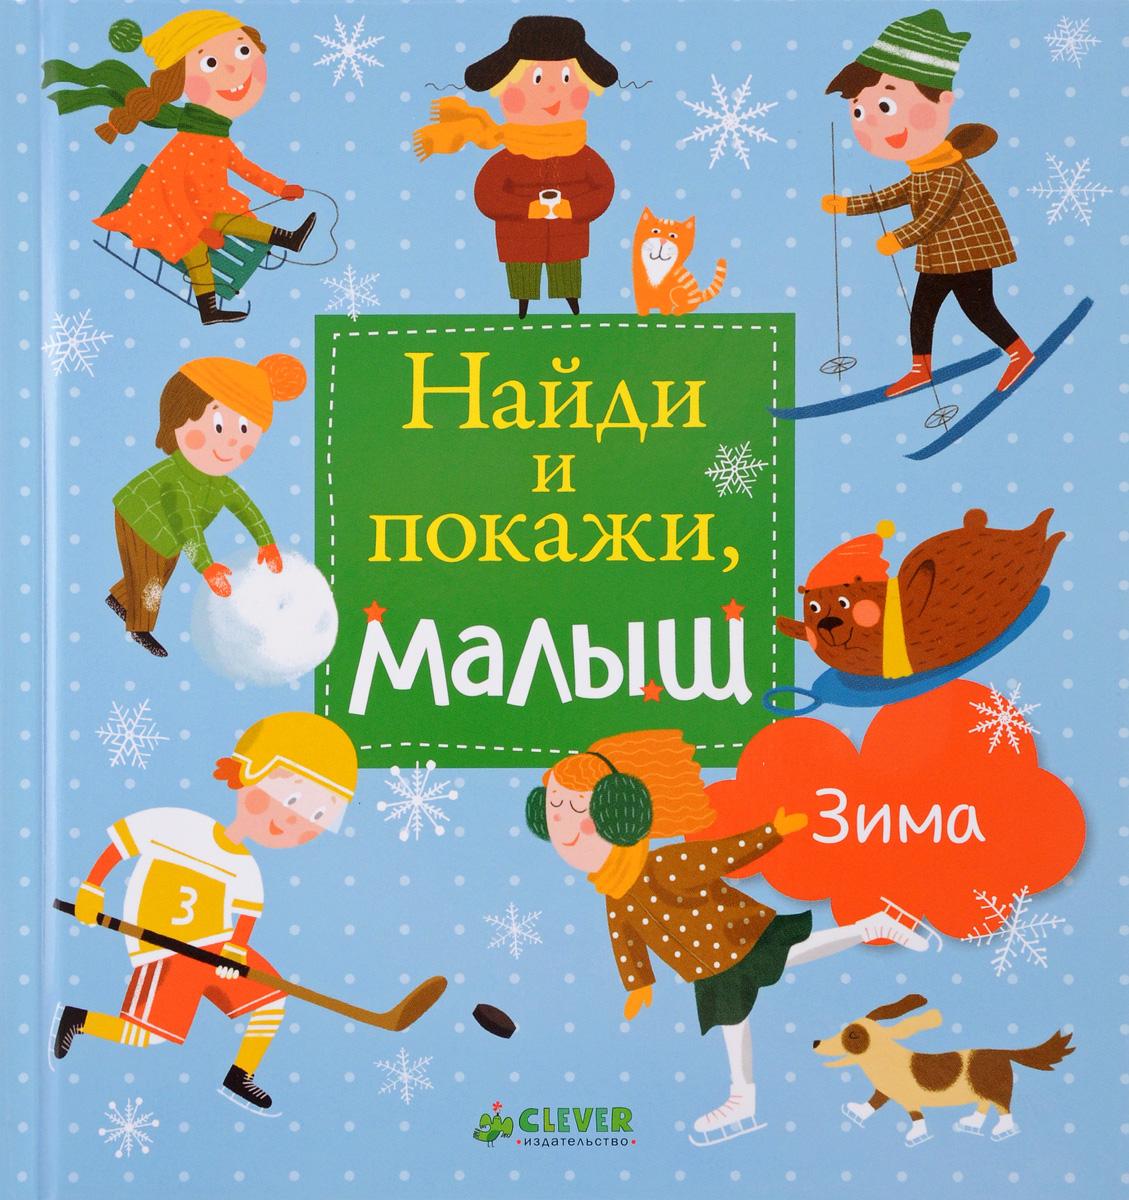 Е. Попова Найди и покажи, малыш. Зима ISBN: 978-5-00115-081-7 на природе найди и покажи